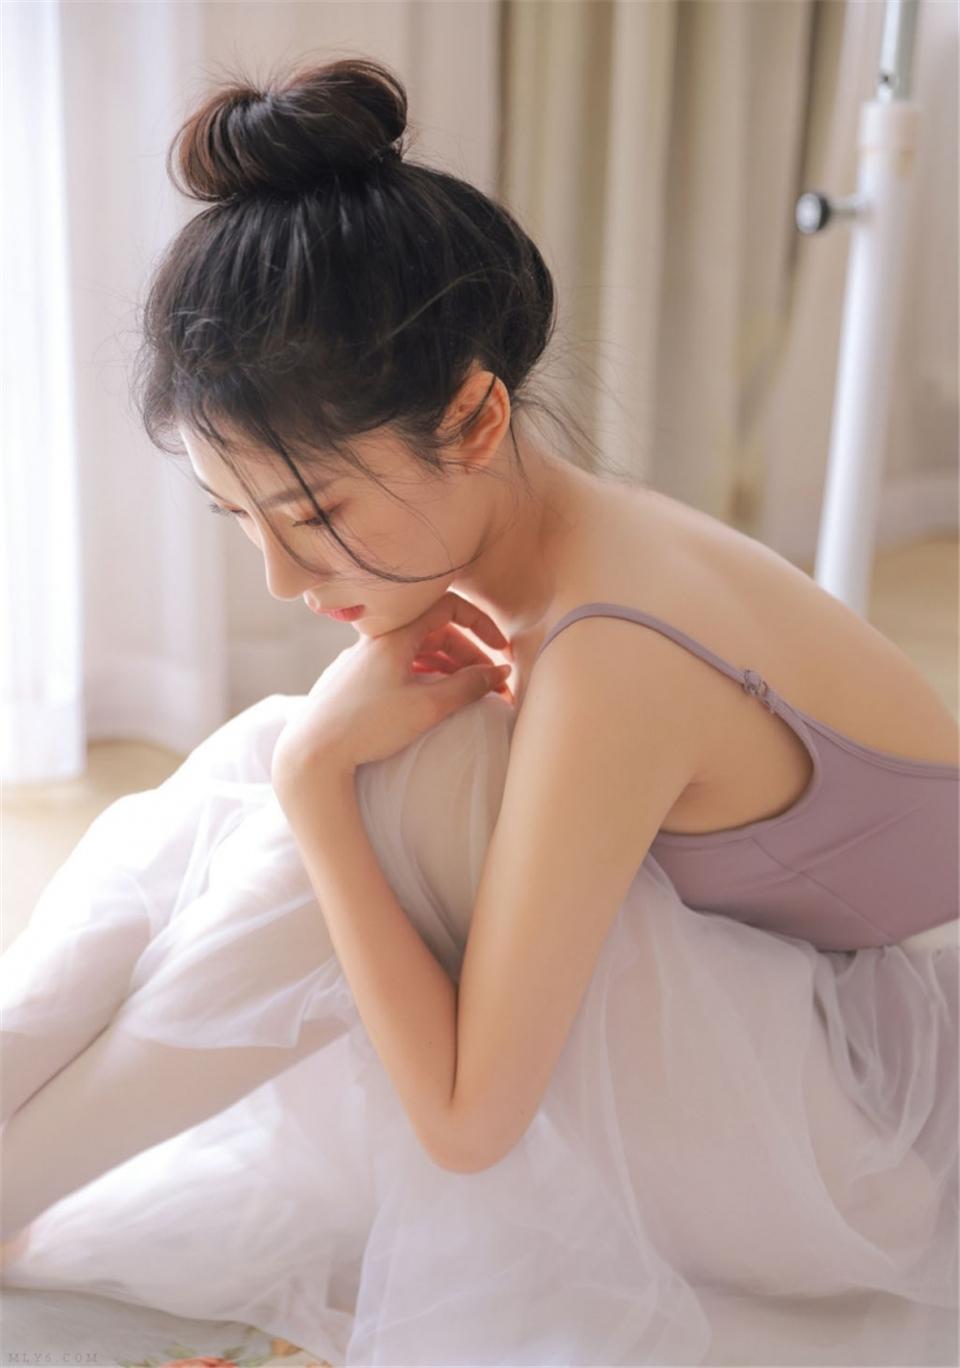 芭蕾舞小姐姐香肩美背室内写真